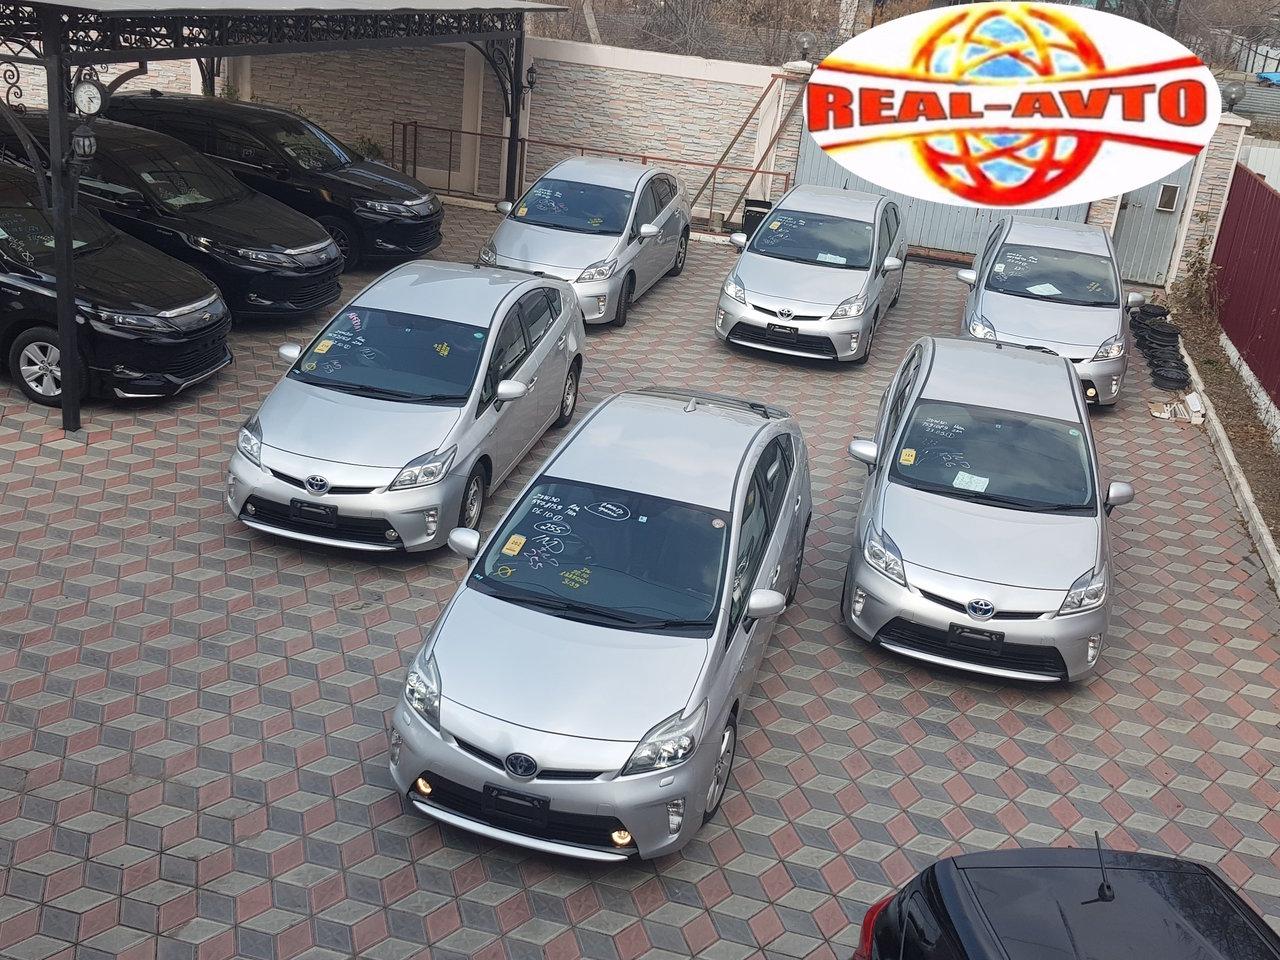 Частные объявления о продаже авто в г.владивосток продажа контейнеров бу частные объявления